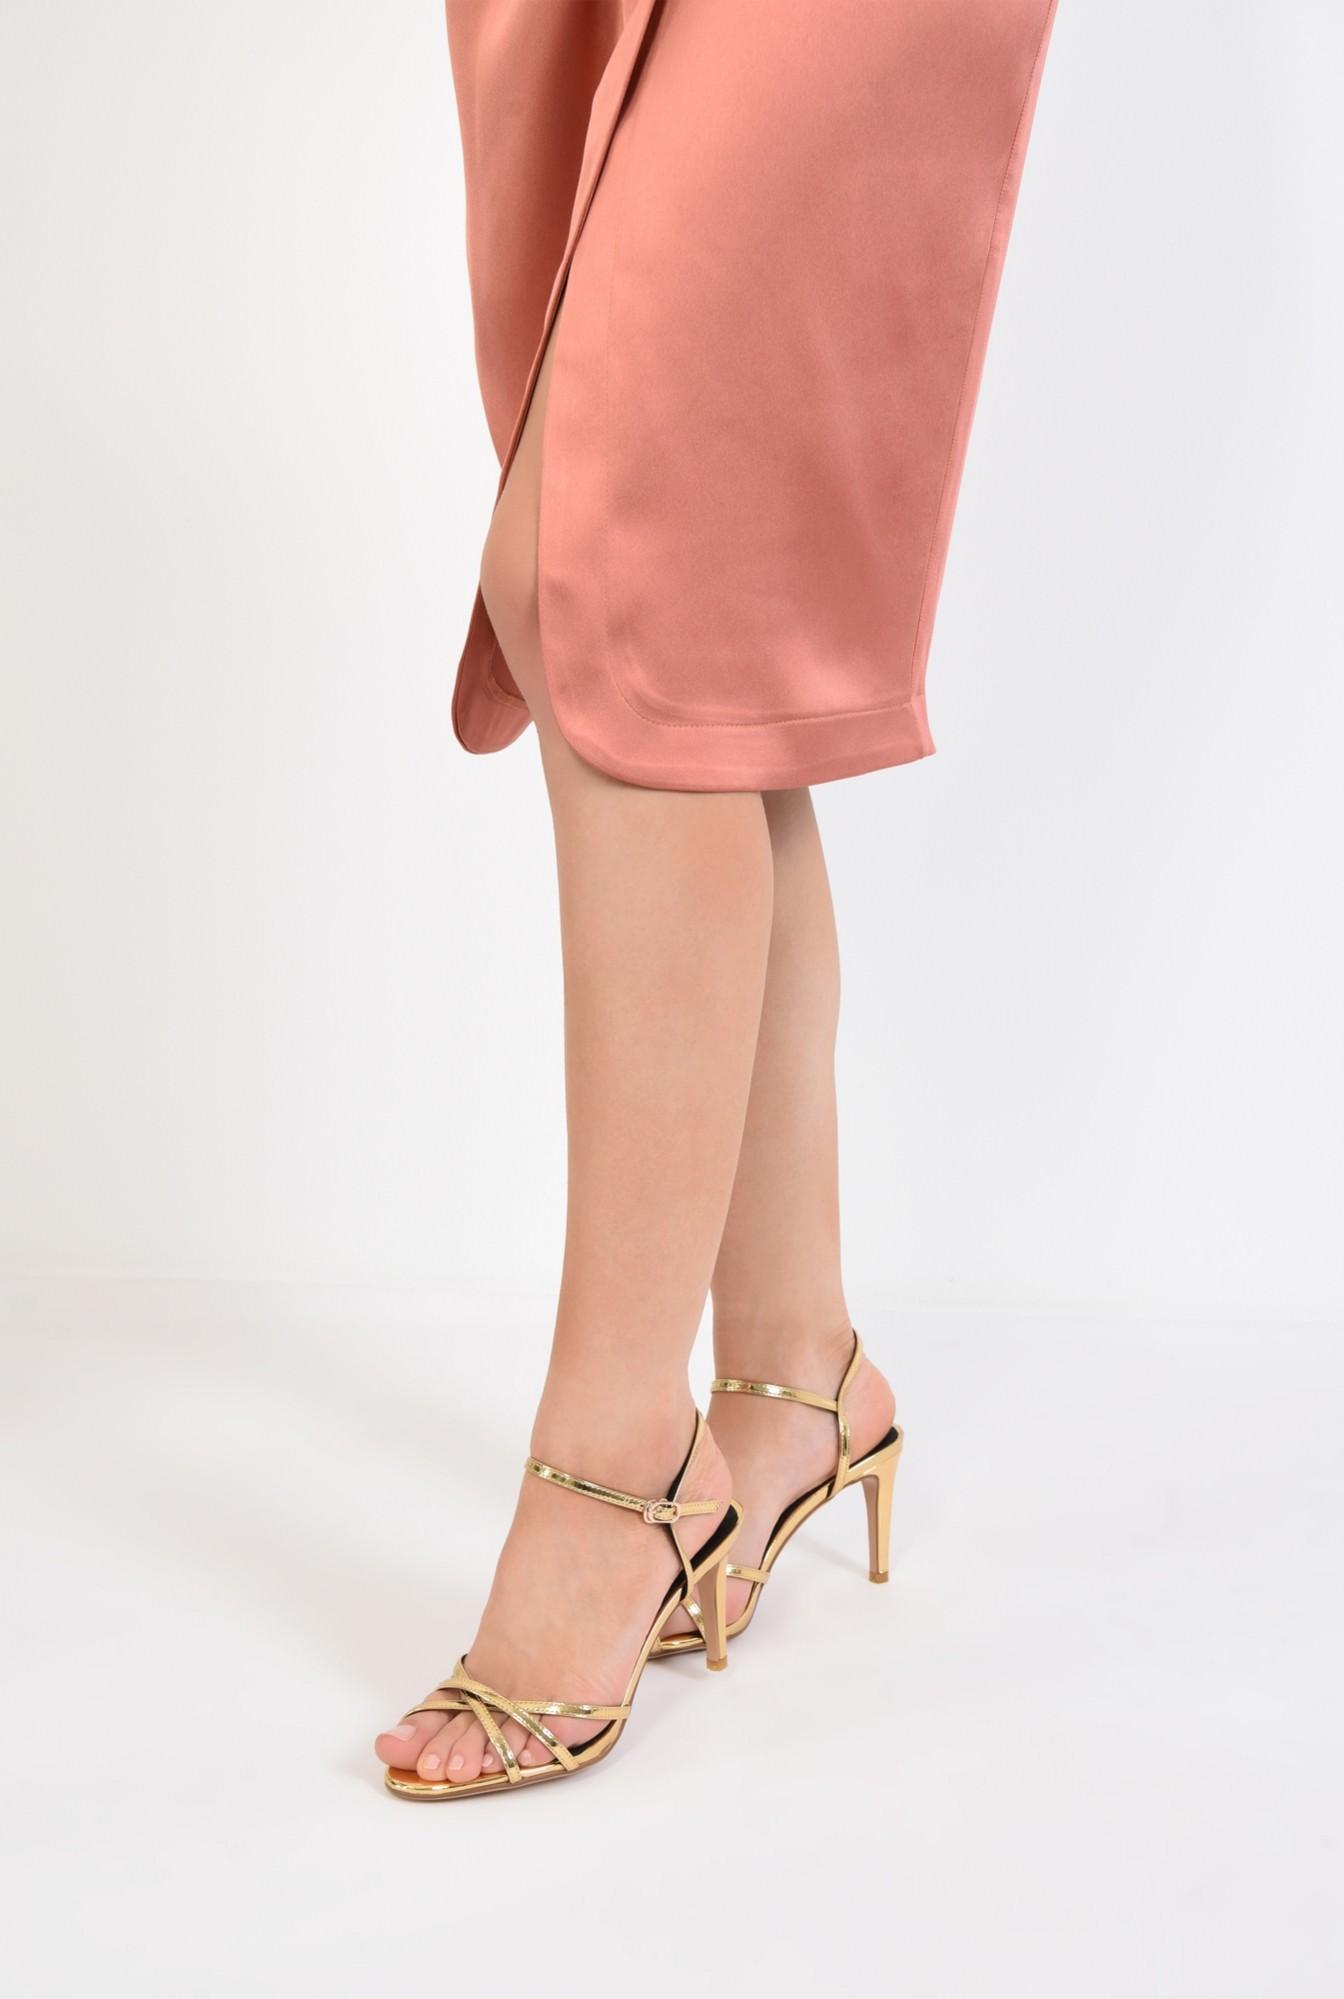 4 - sandale elegante, aurii, cu toc, aspect metalic